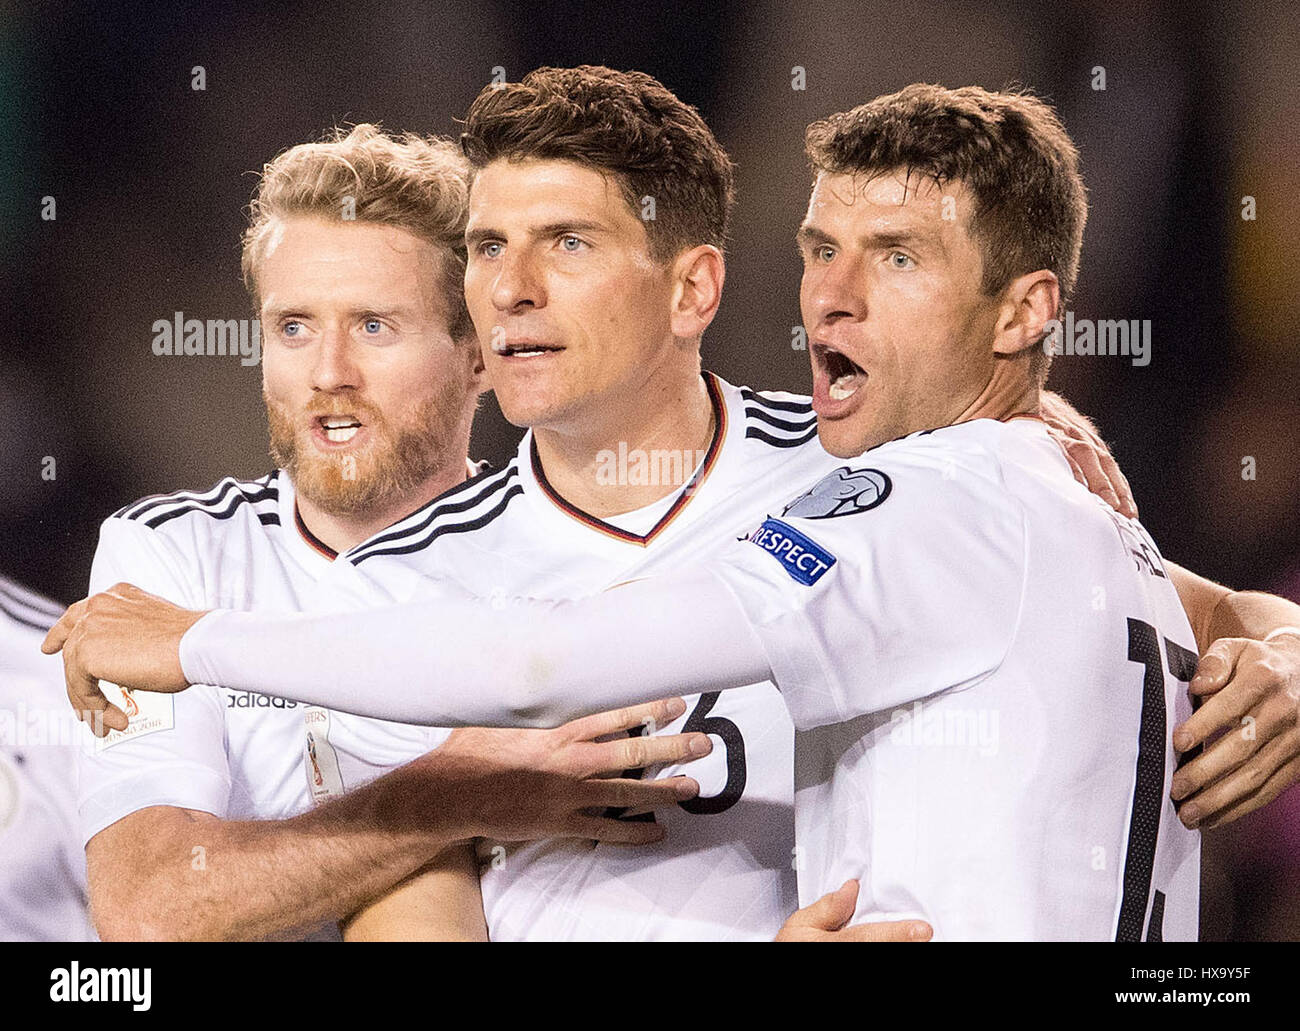 Baku in Azerbaijan. 26 Mar, 2017. La Germania Mario Gomez (C) celebra il suo 3-1 obiettivo con i compagni di squadraFoto Stock